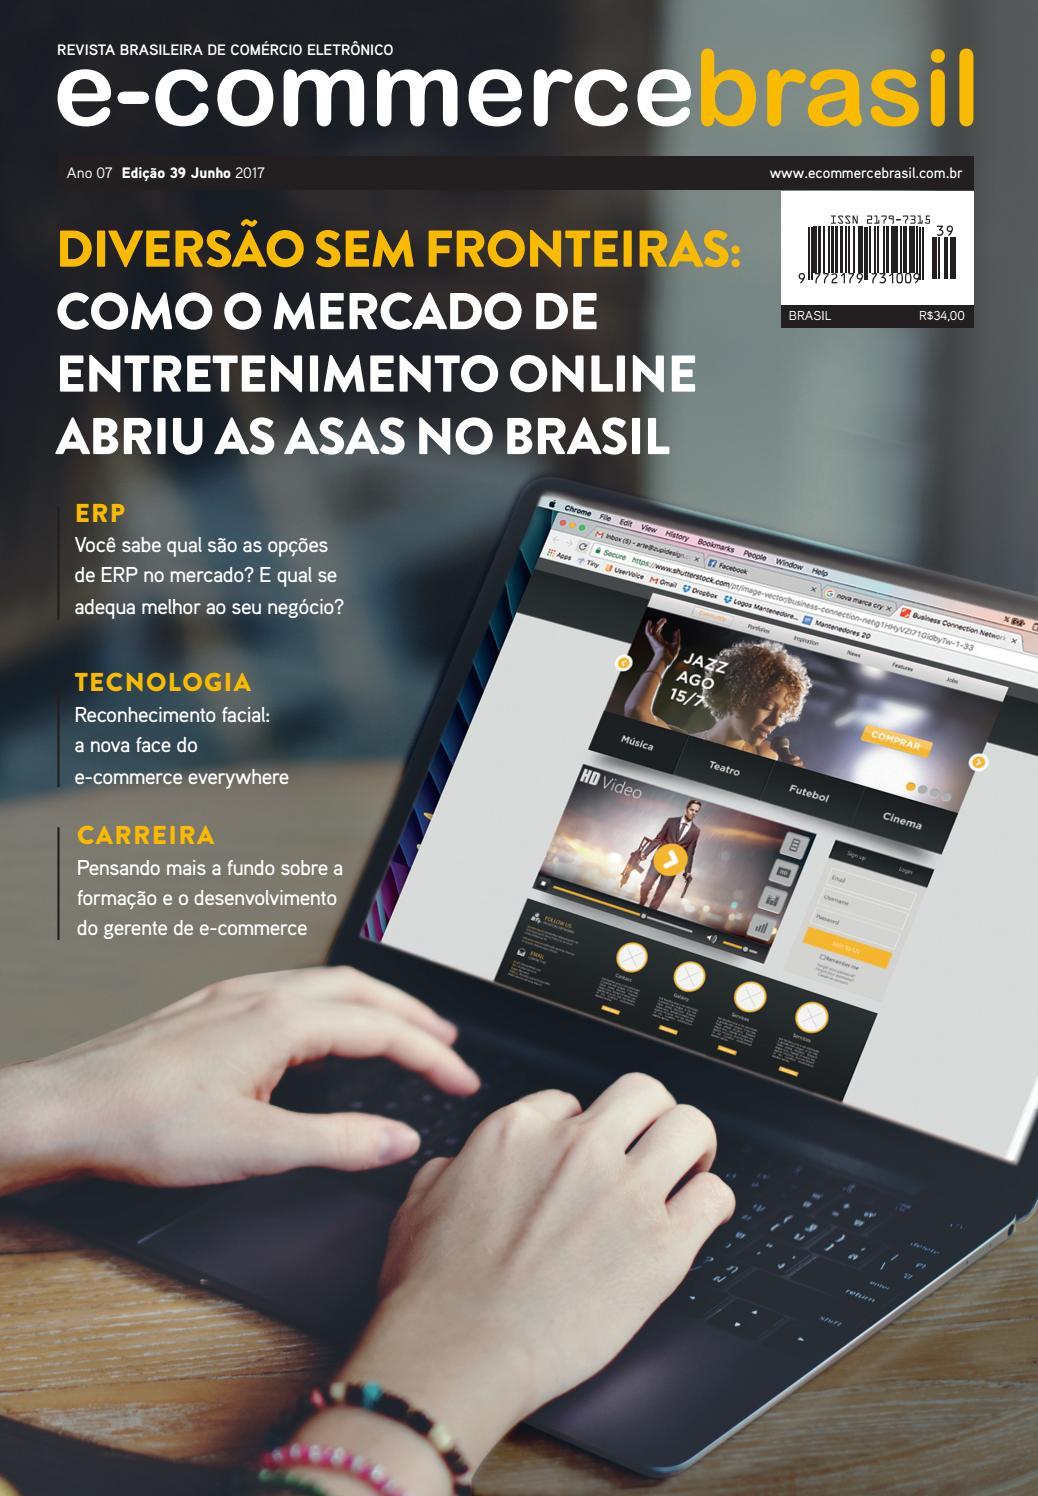 765684d8e Diversão sem fronteiras  como o mercado de entretenimento online abriu as  asas no Brasil by E-Commerce Brasil - issuu